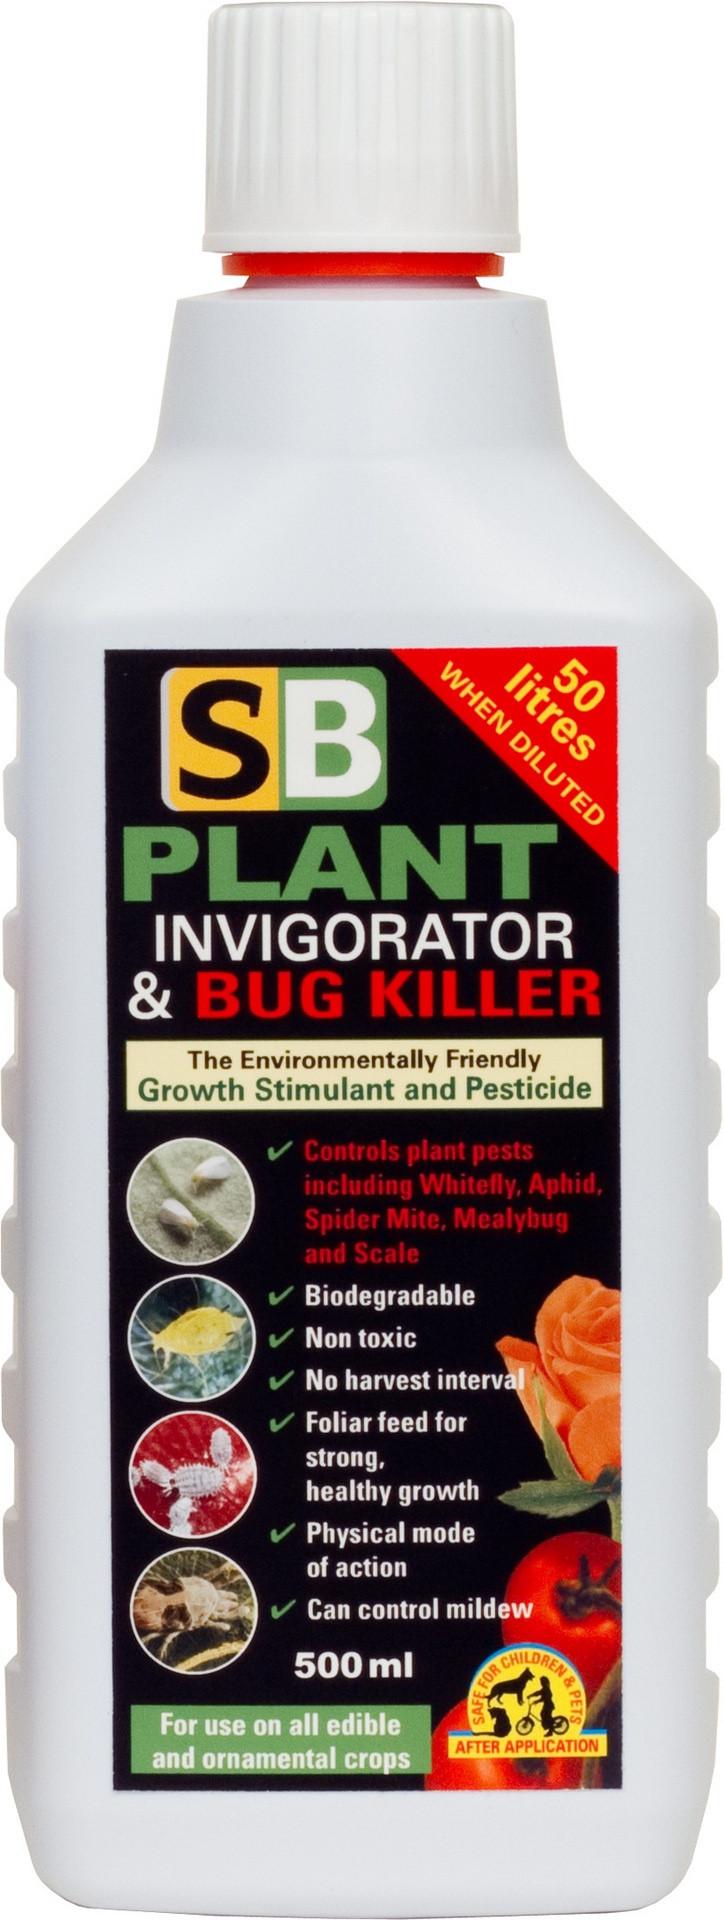 SB PLANT INVIGORATOR 500ML CONCENTRATE